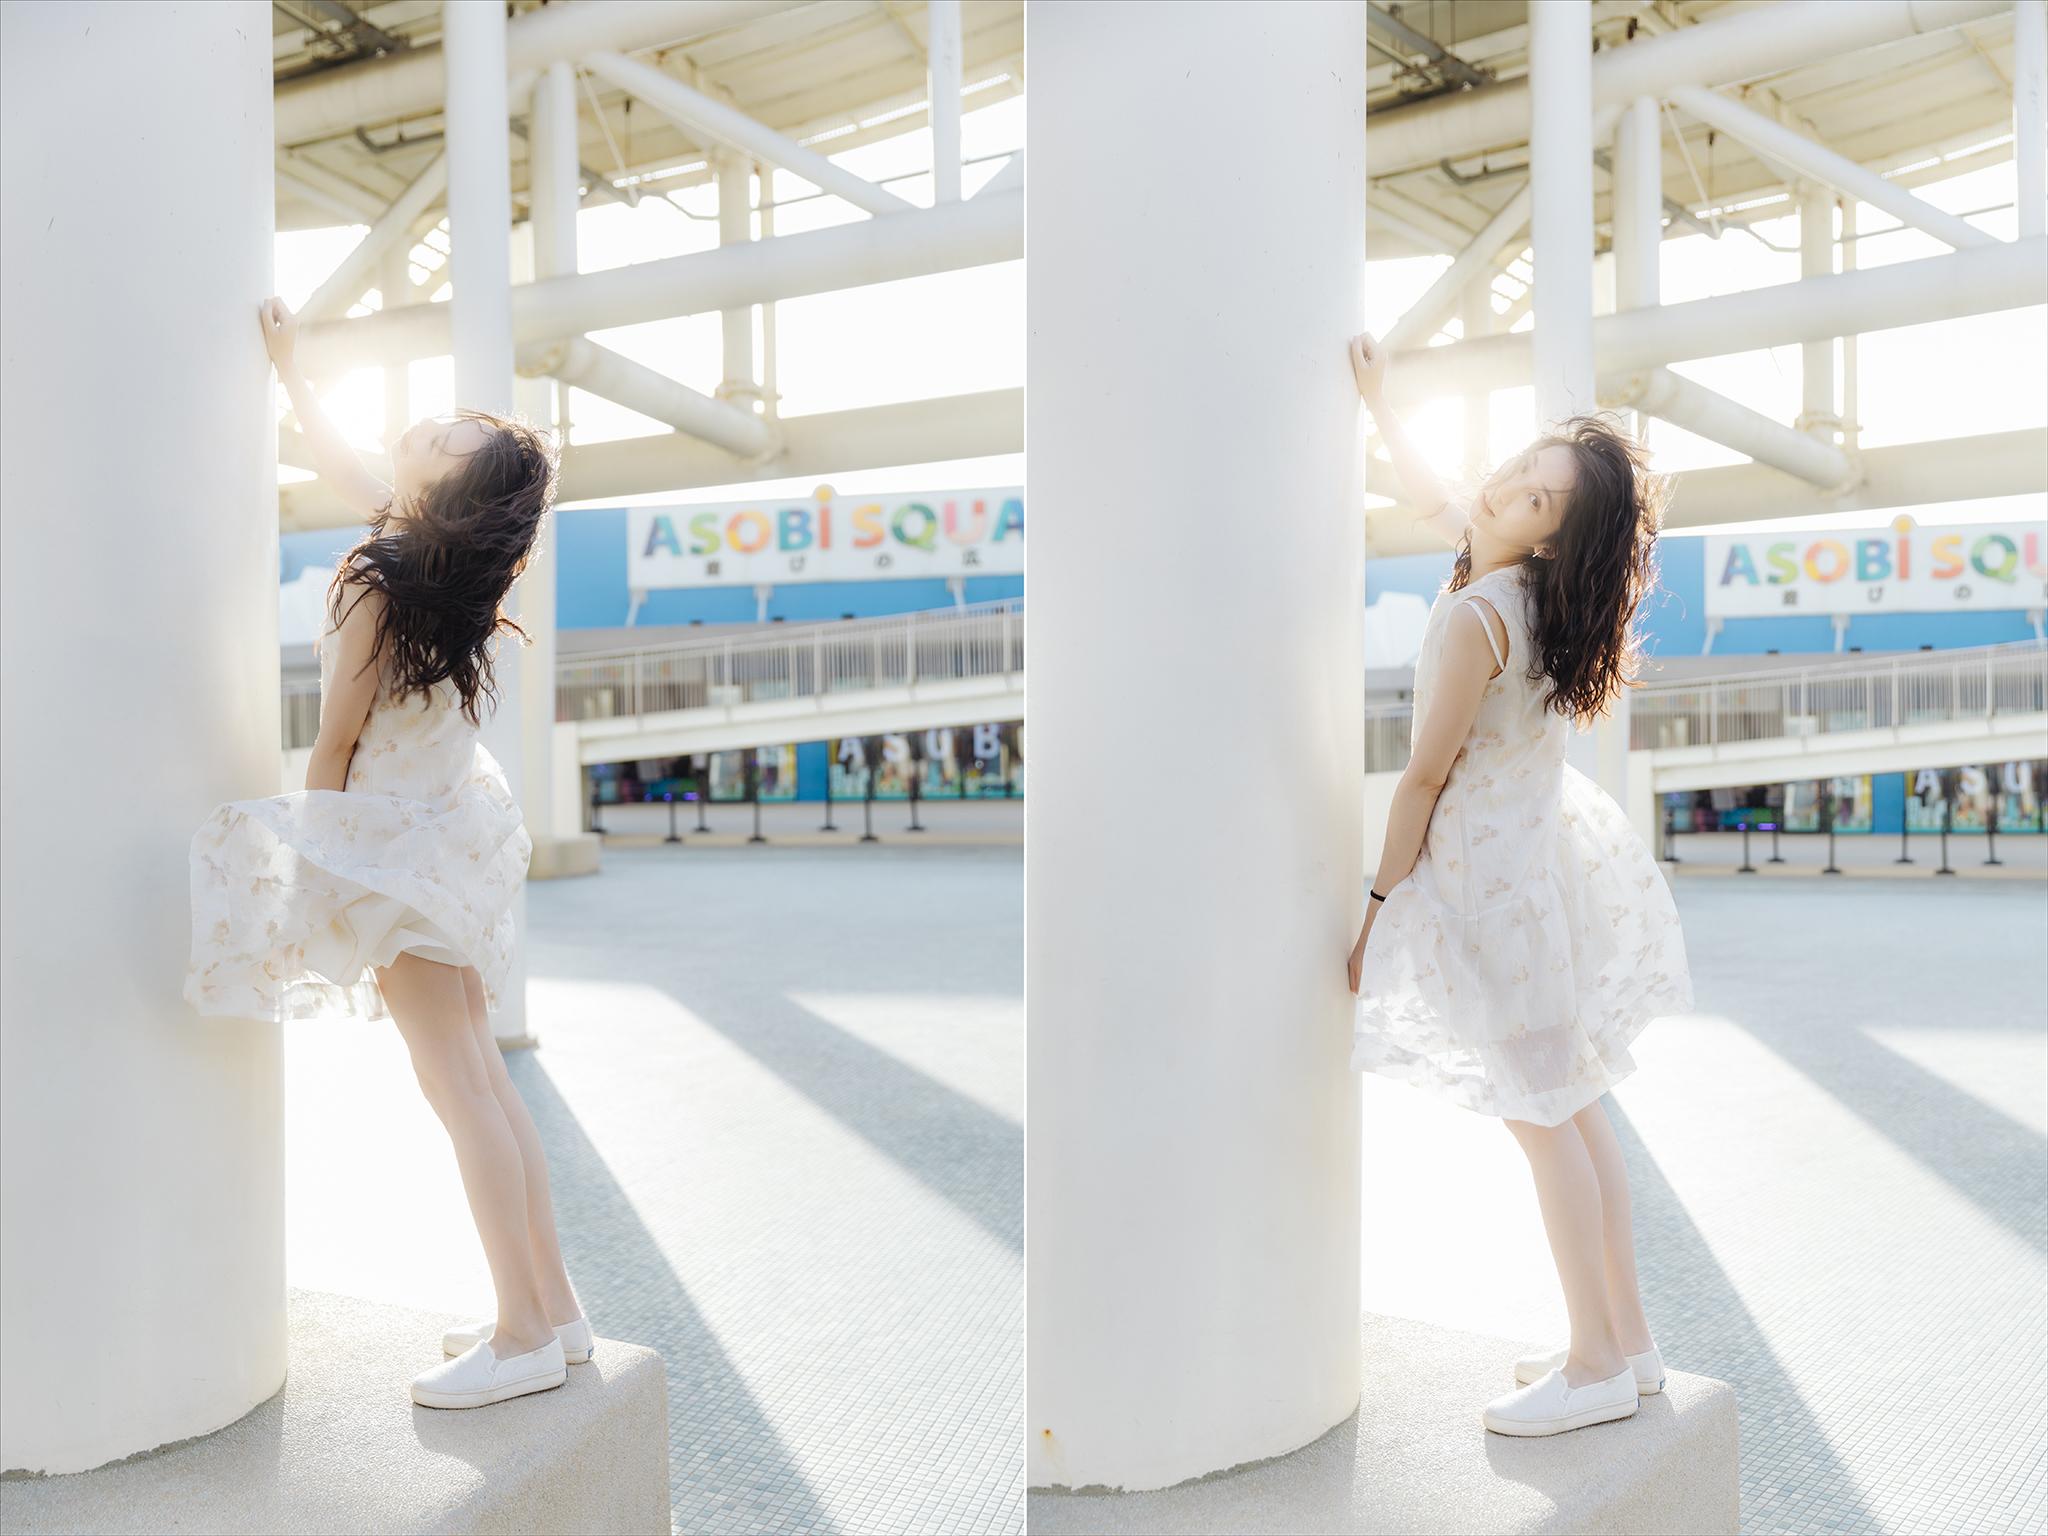 50476358392 7db1910d81 o - 【寫真】+Melody+EP2